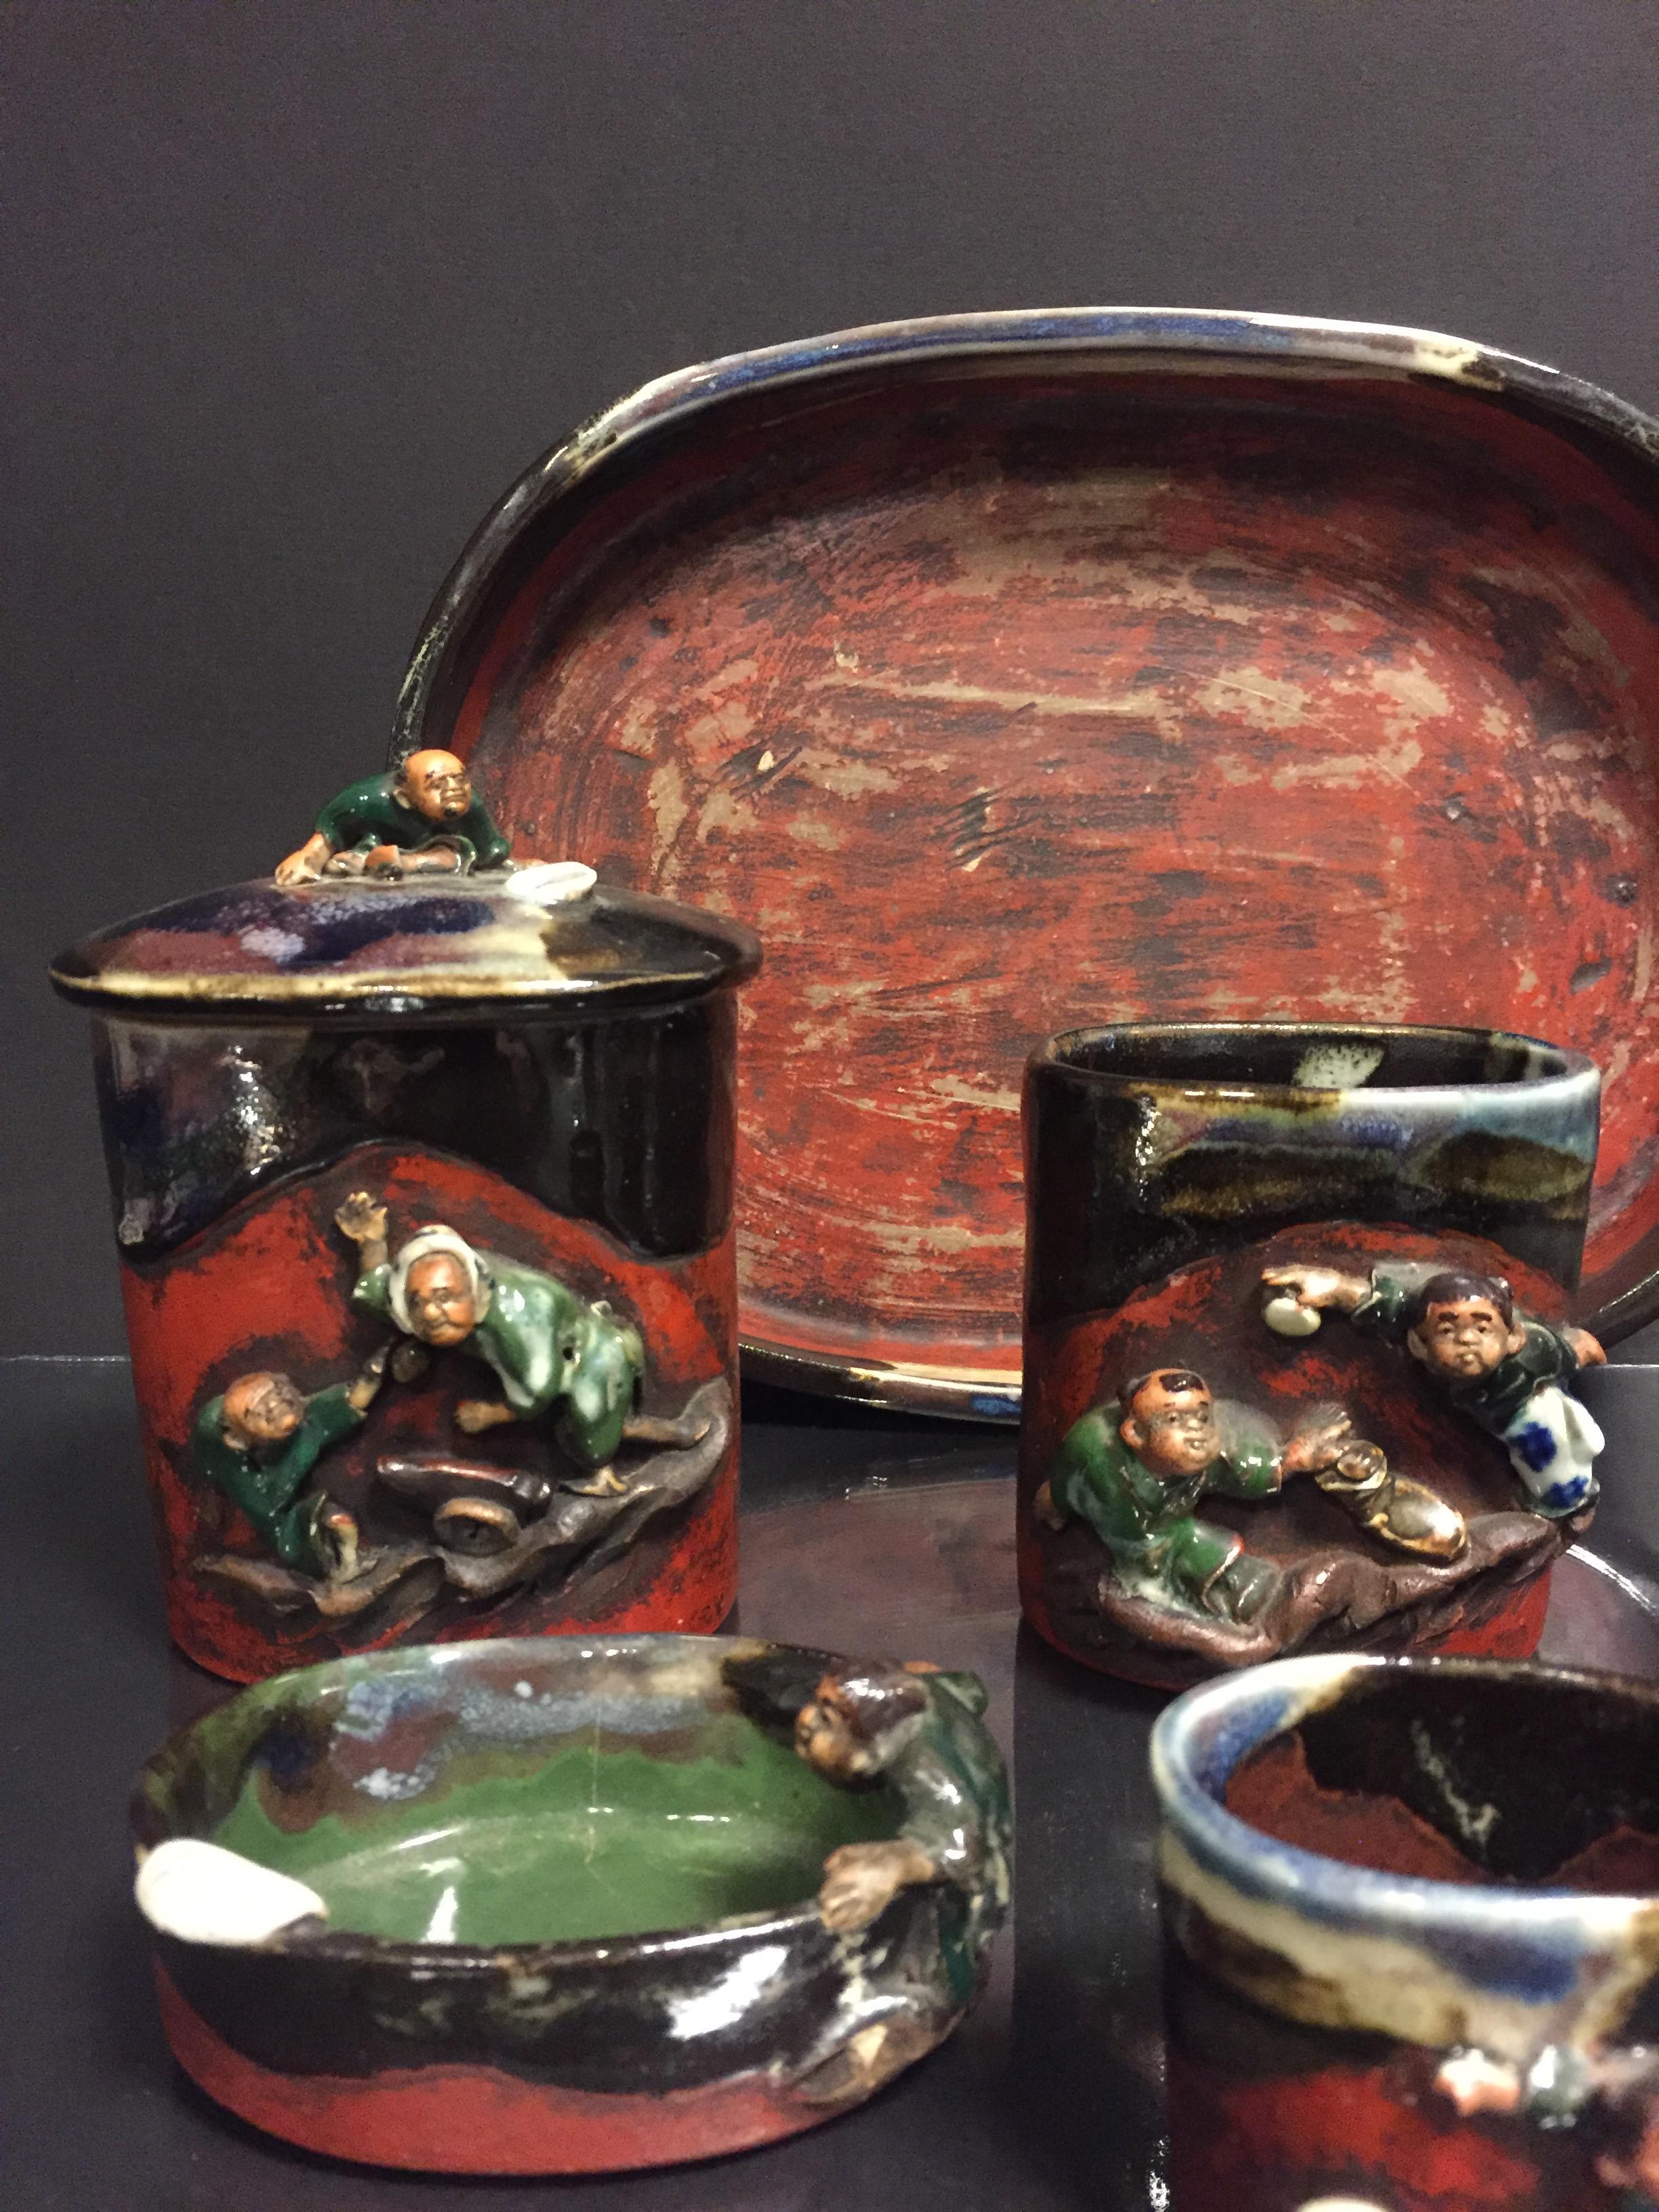 JAPON. Nécessaire de fumeur comprenant 7 pièces, porcelaine émaillée à décor en [...] - Image 2 of 2